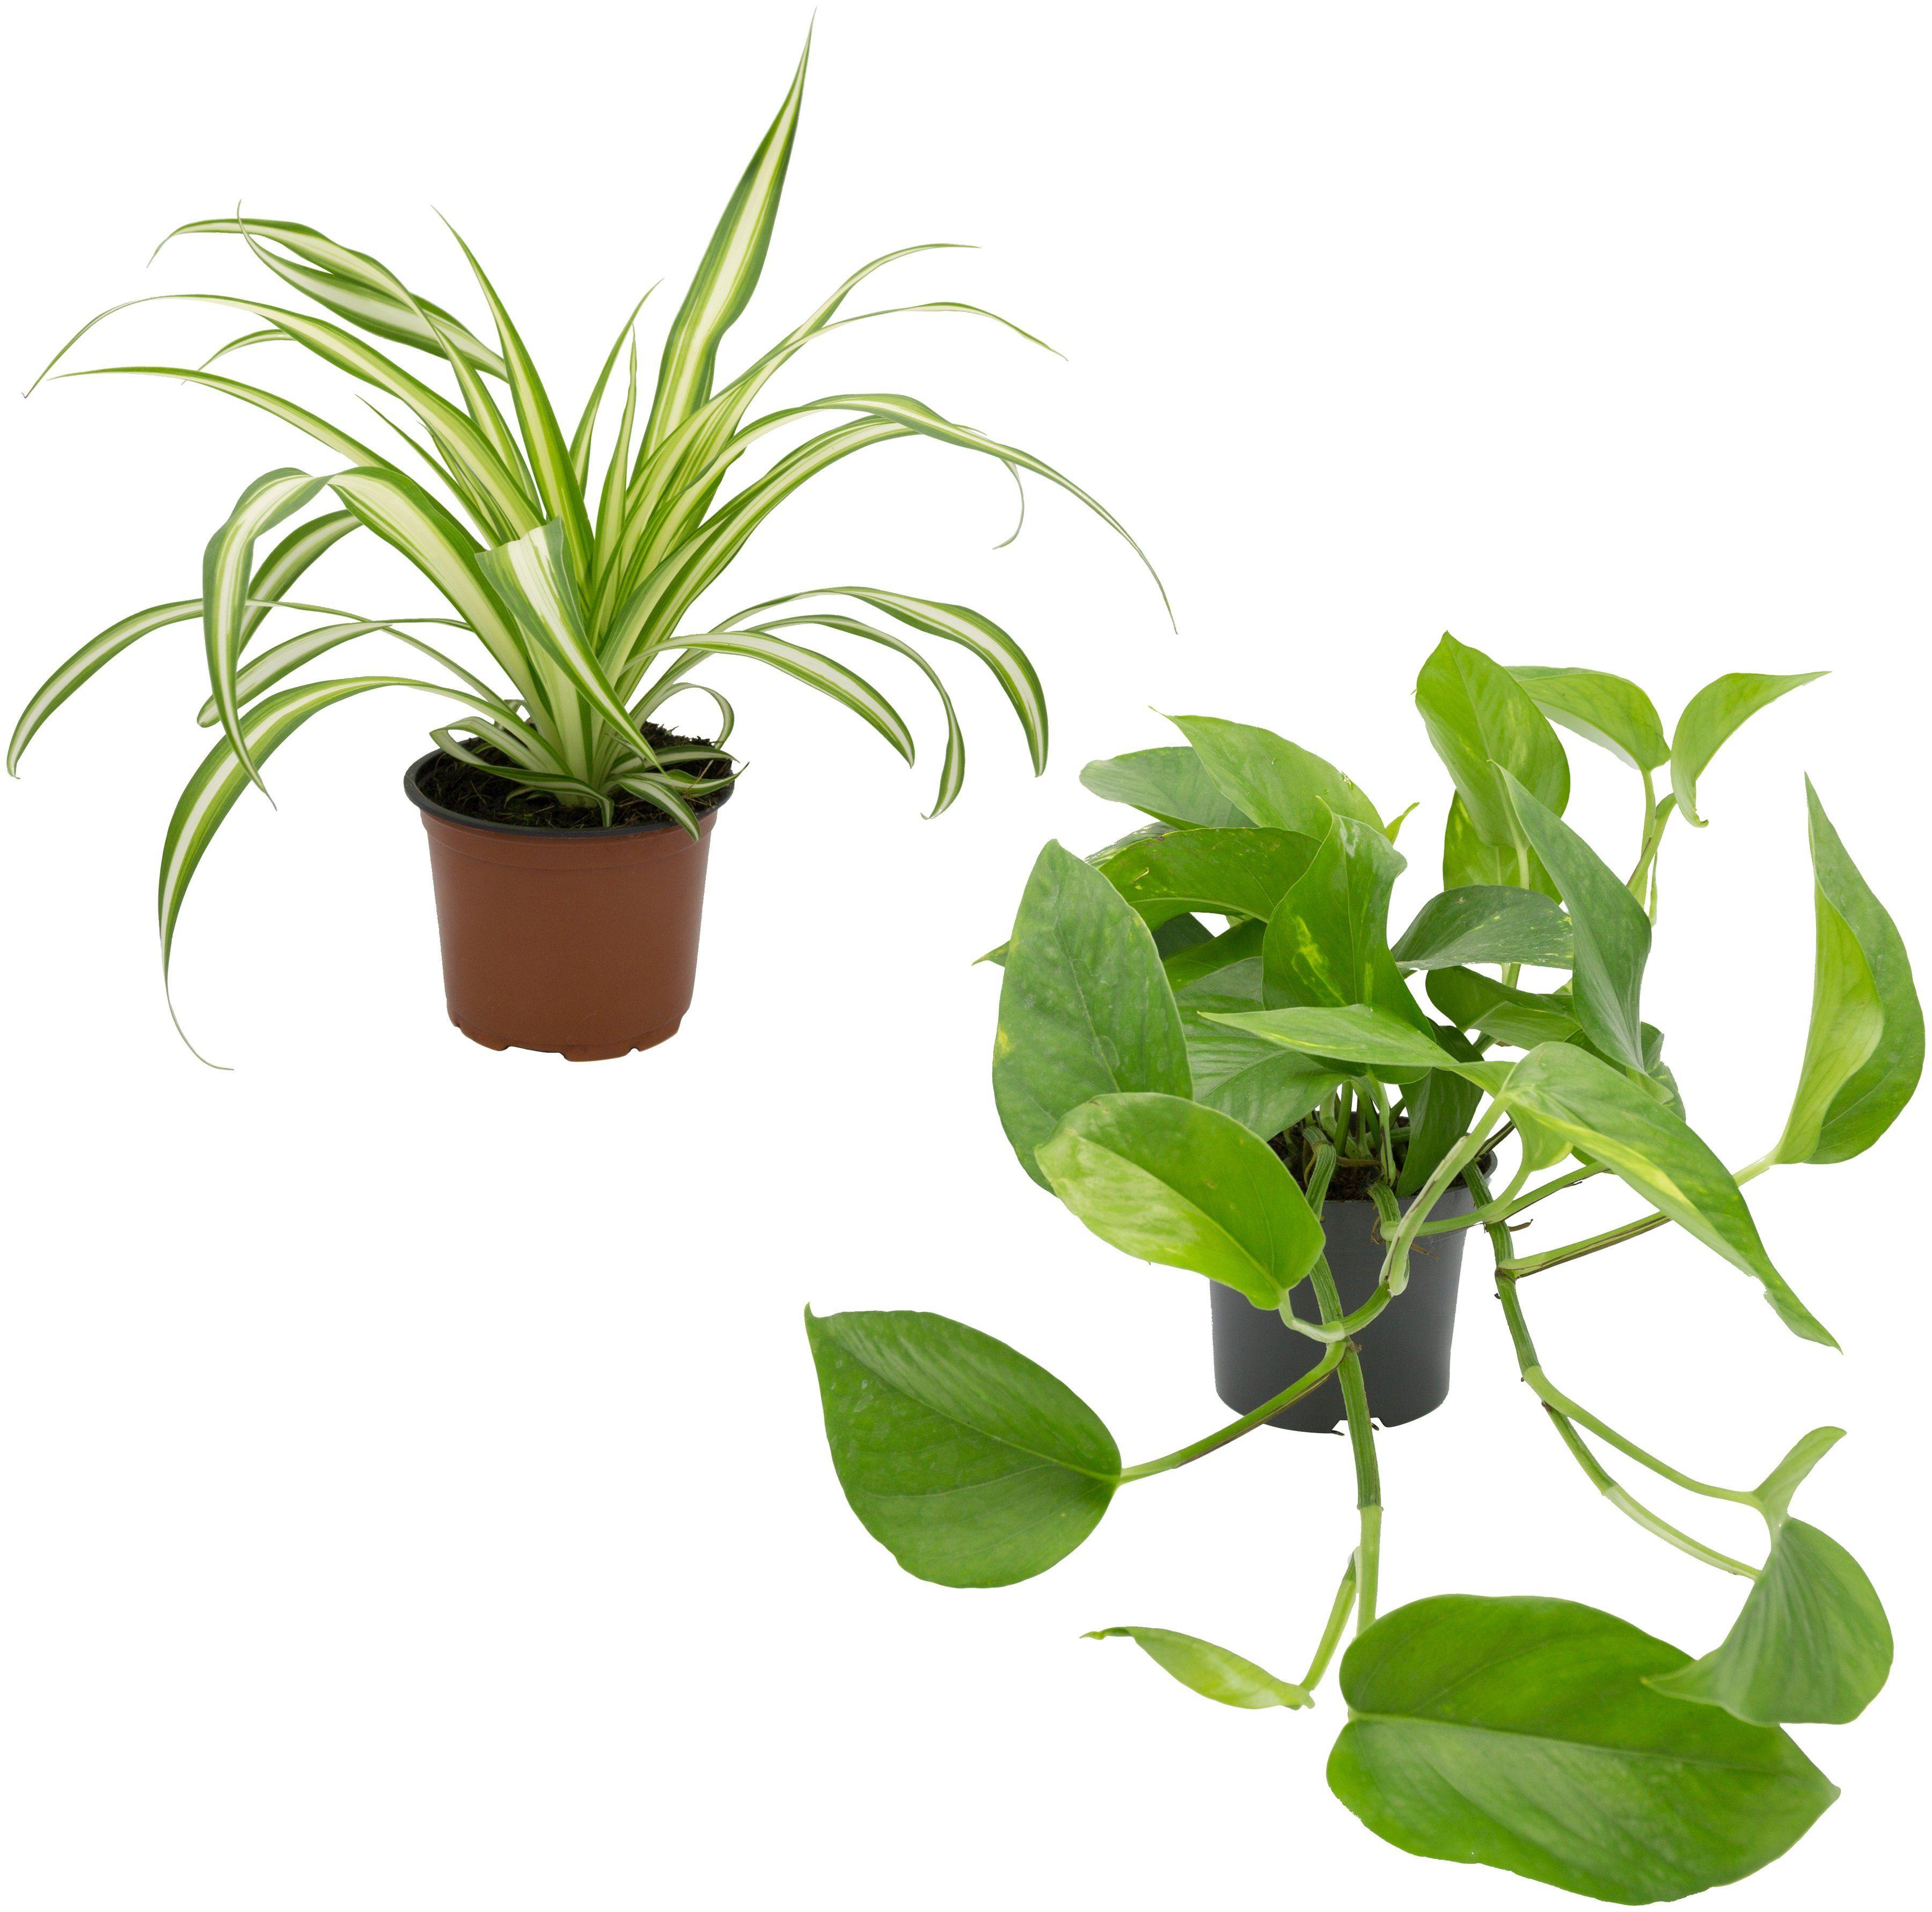 Zimmerpflanze »Grünpflanzen-Set«, Höhe: 30 cm, 2 Pflanzen